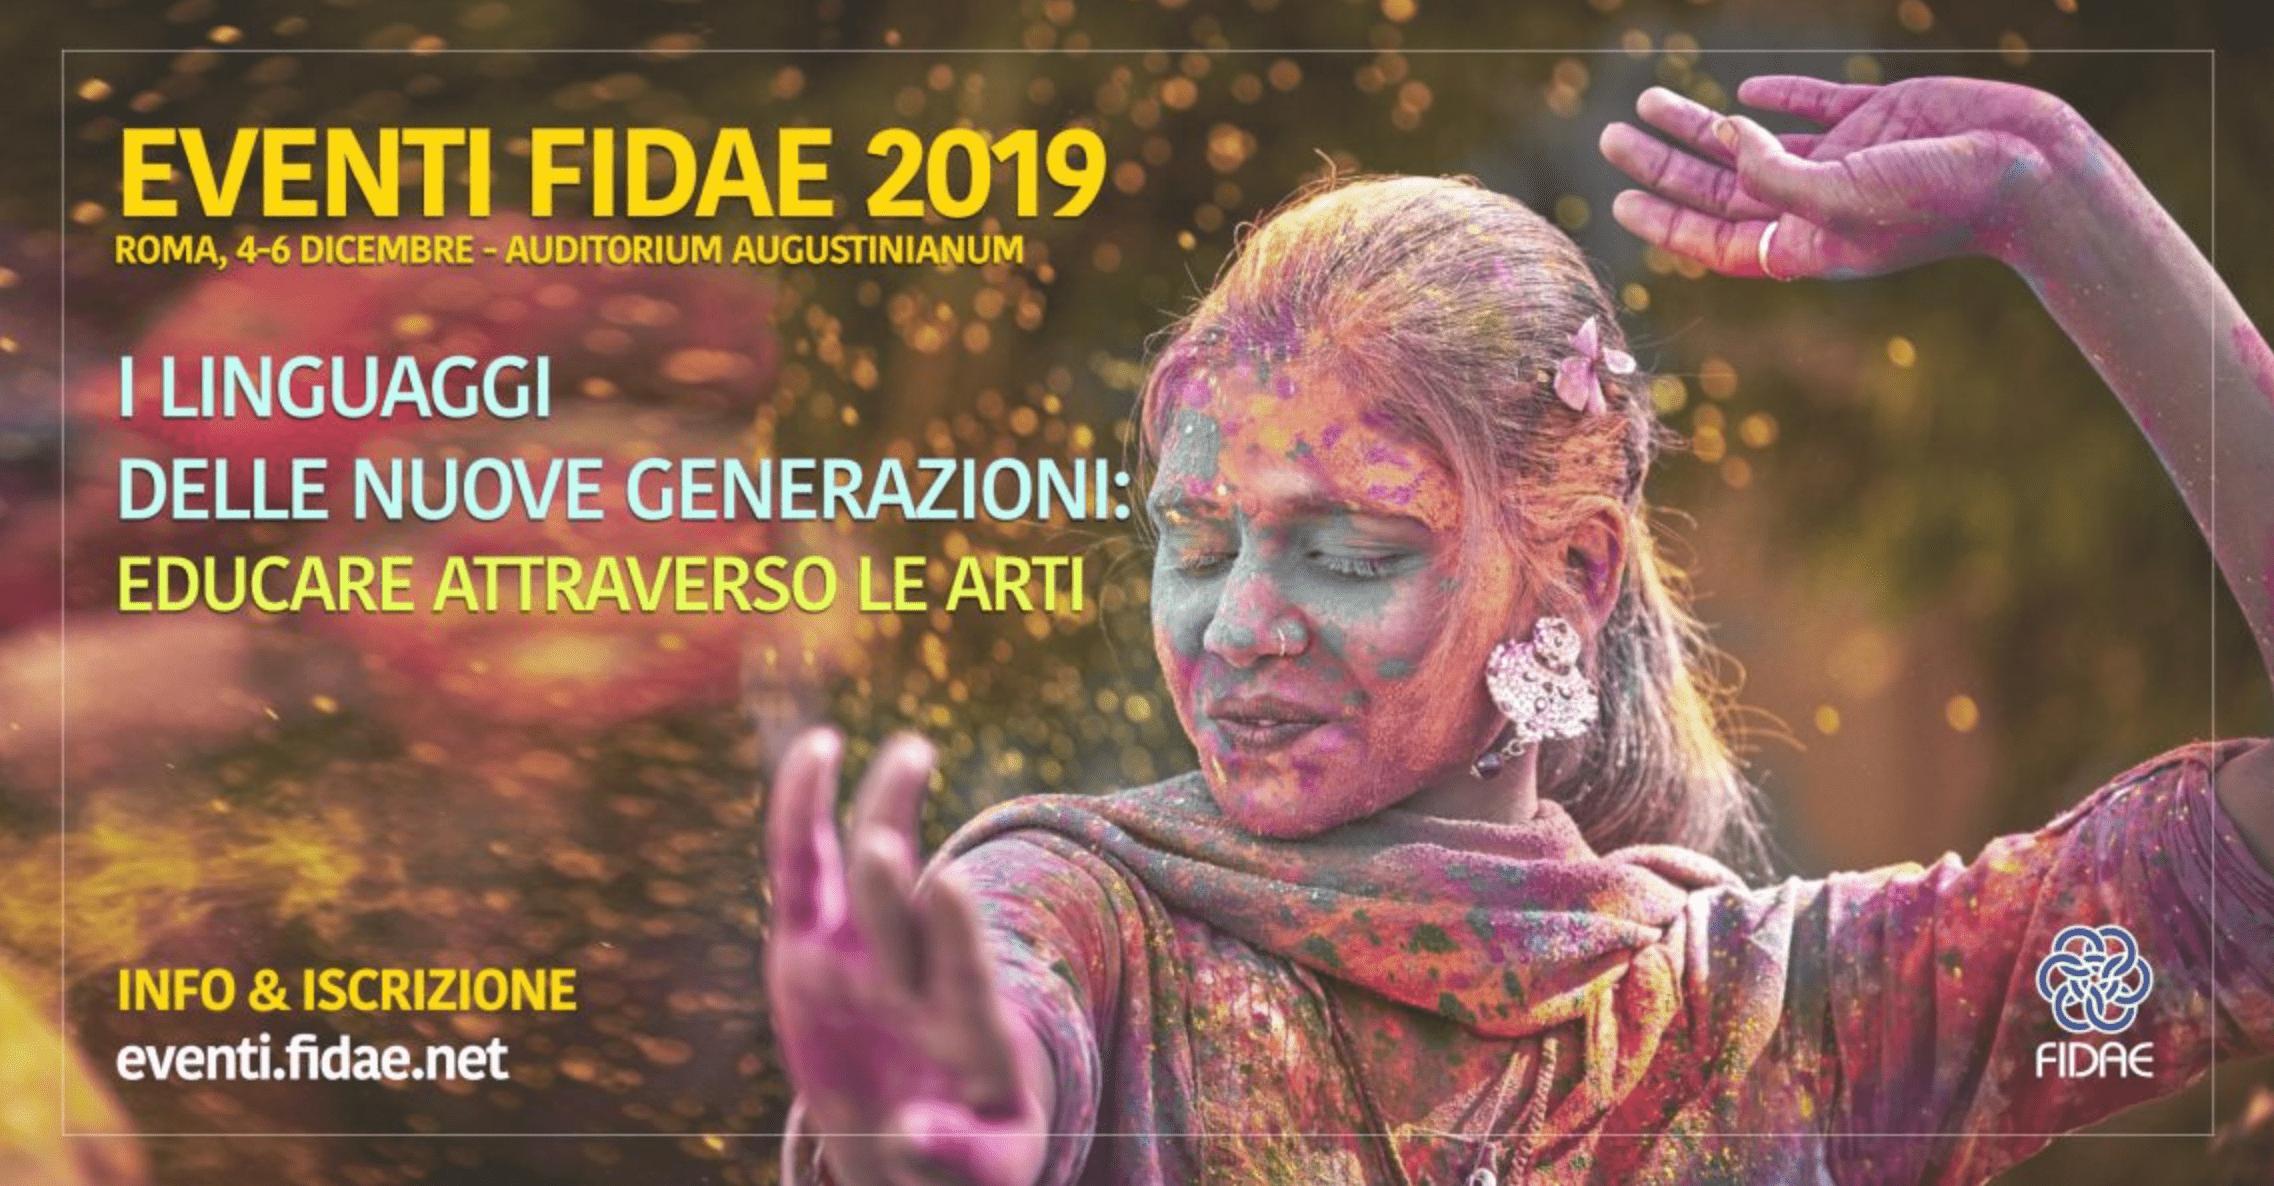 ISRE partecipa al Comitato Scientifico del Congresso FIDAE 2019